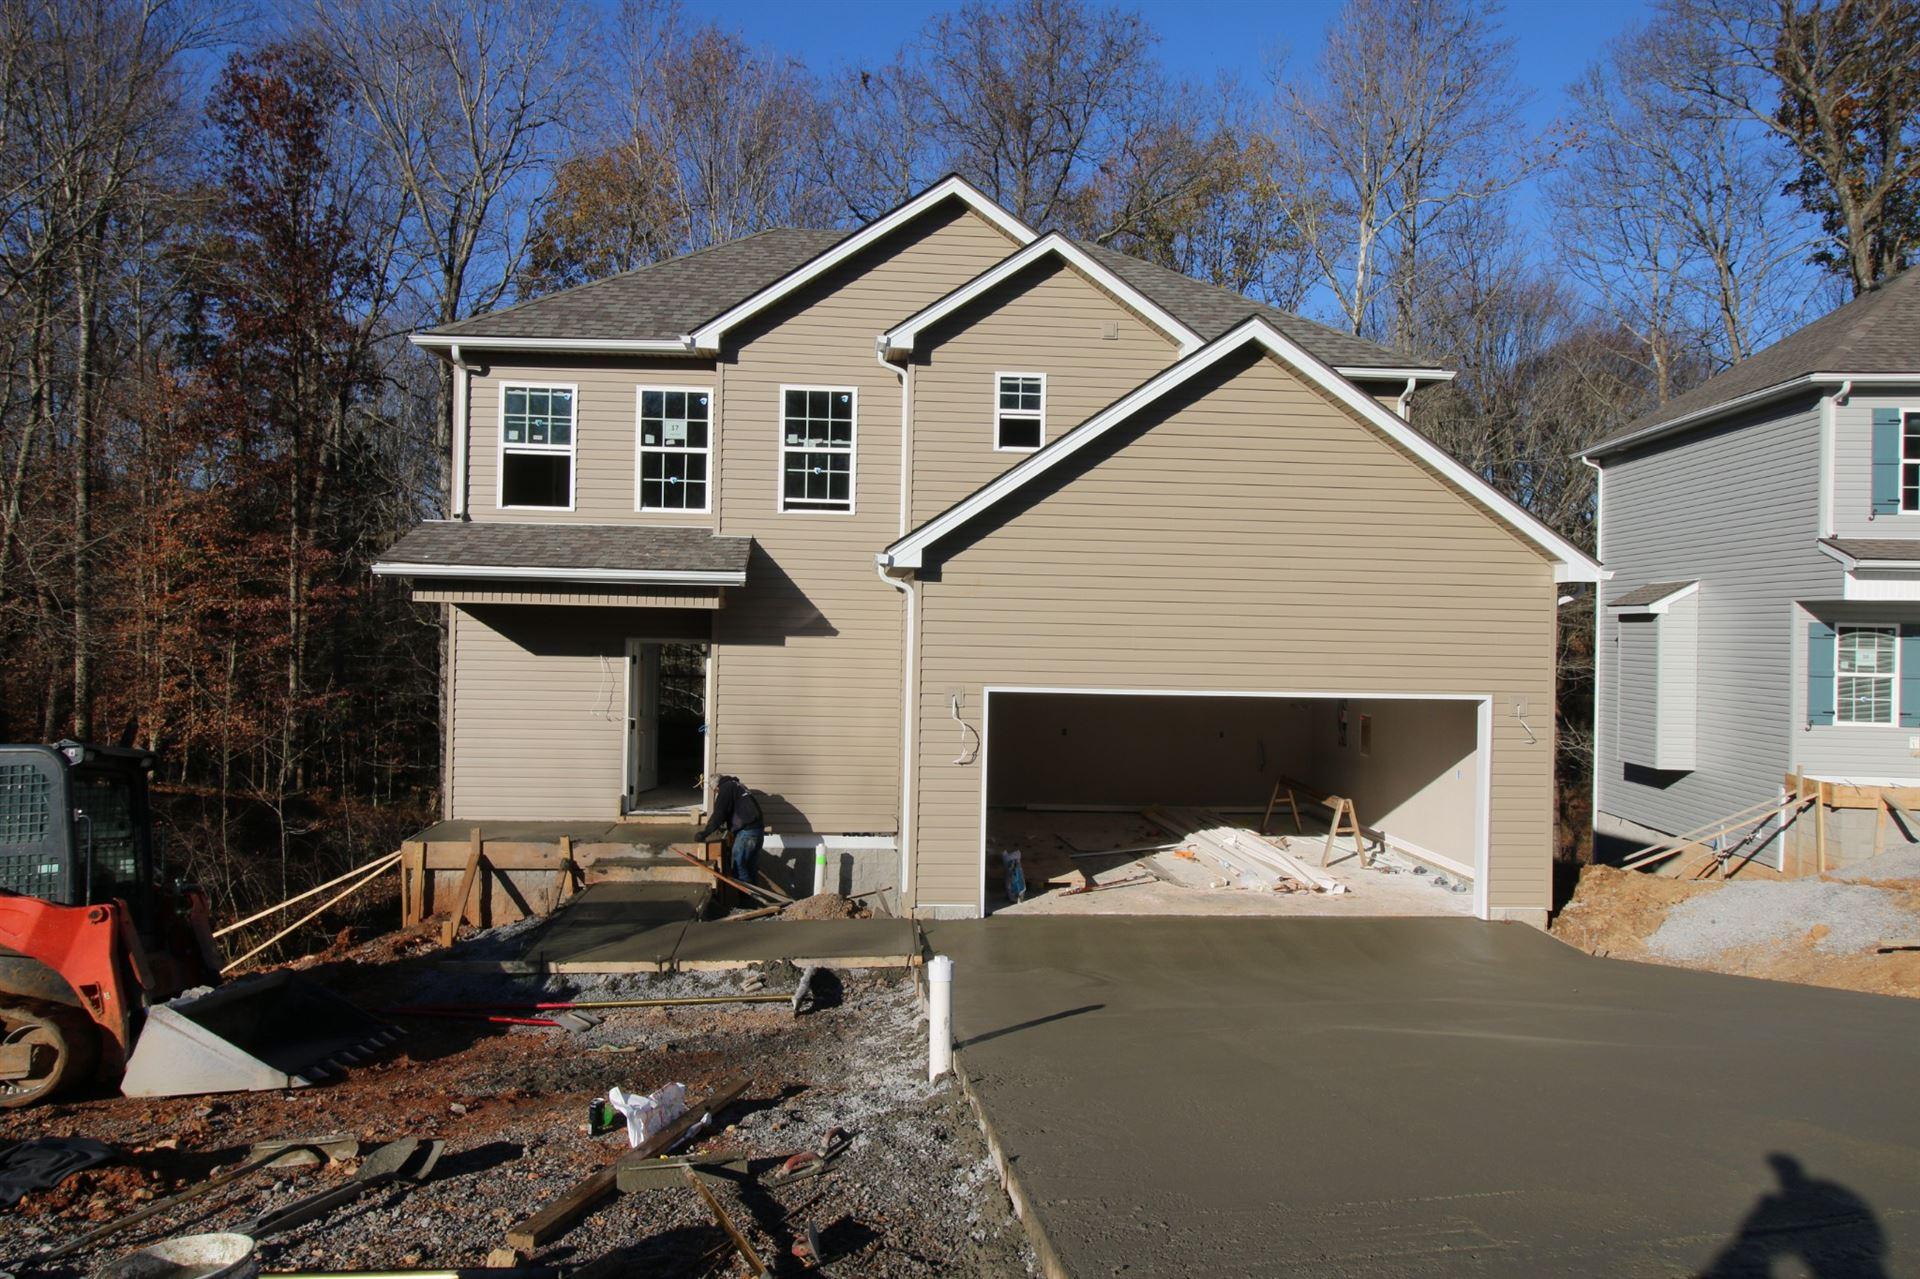 17 Chalet Hills, Clarksville, TN 37040 - MLS#: 2189856